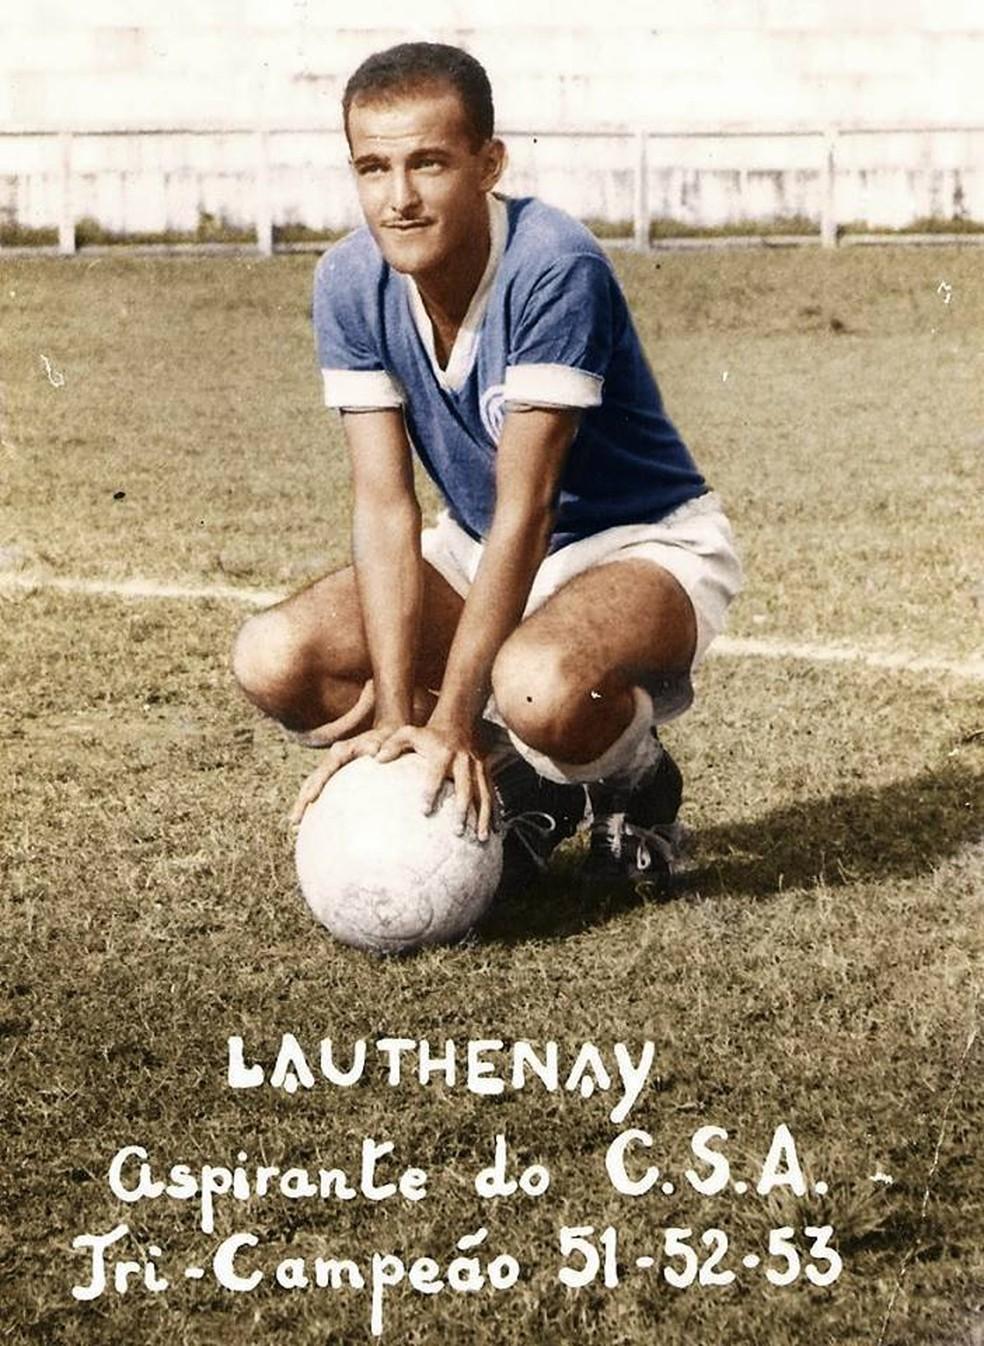 Lauthenay Perdigão jogou no CSA na década de 50 — Foto: Arquivo pessoal